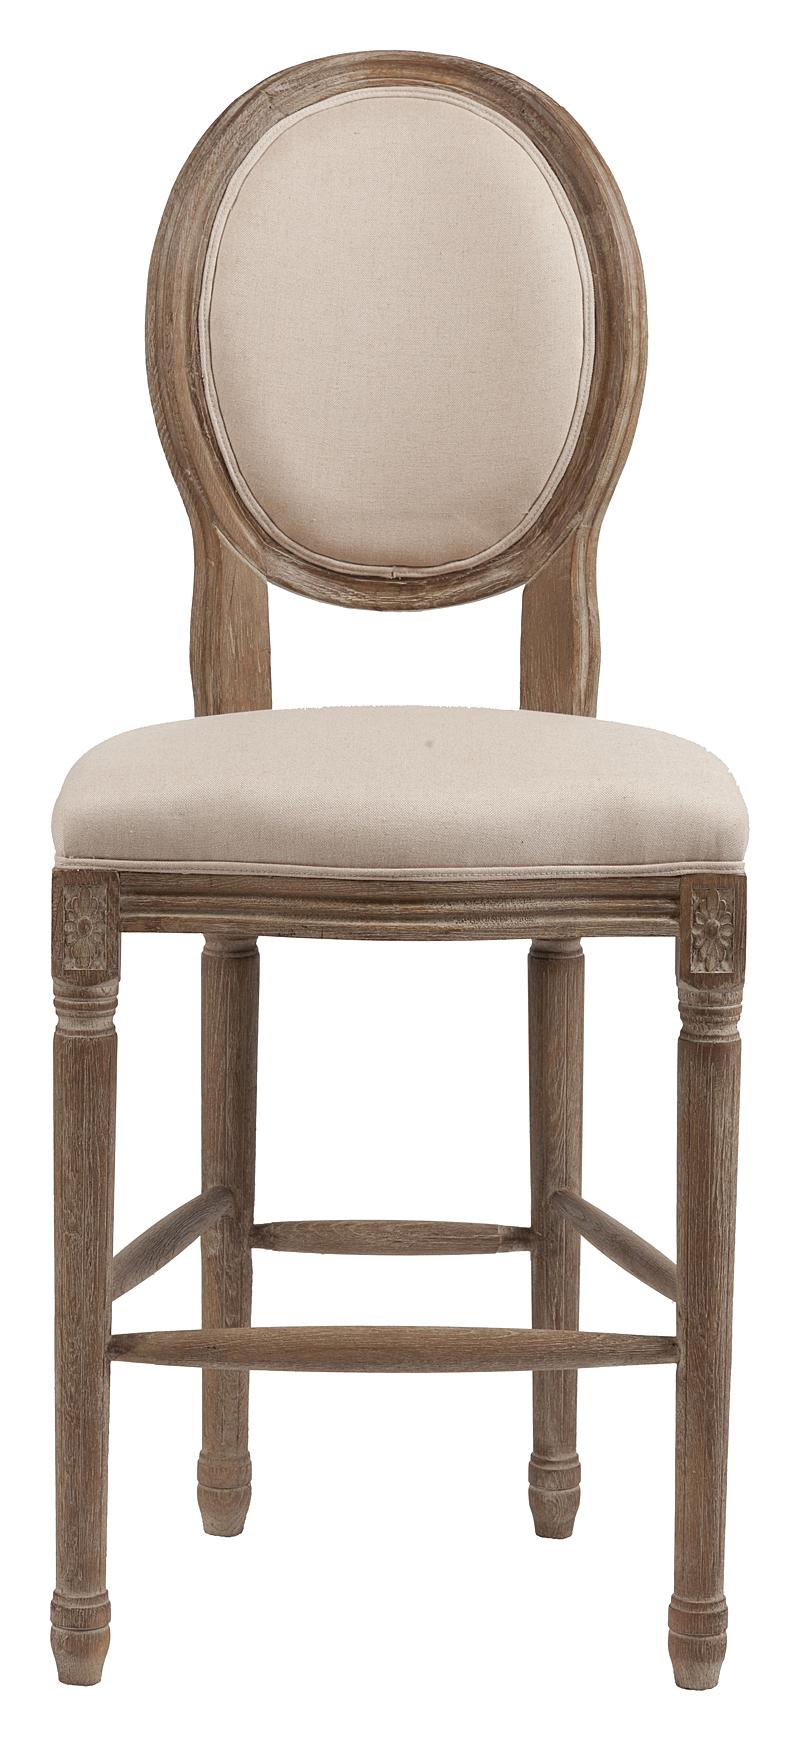 Барный стул Vintage French Round Кремовый Лен DG-HOMEСтулья<br>. Бренд - DG-HOME. материал - Ткань, Поролон, Дерево.<br><br>популярные производители: DG-HOME<br>ширина/диаметр: 0<br>материал: Ткань, Поролон, Дерево